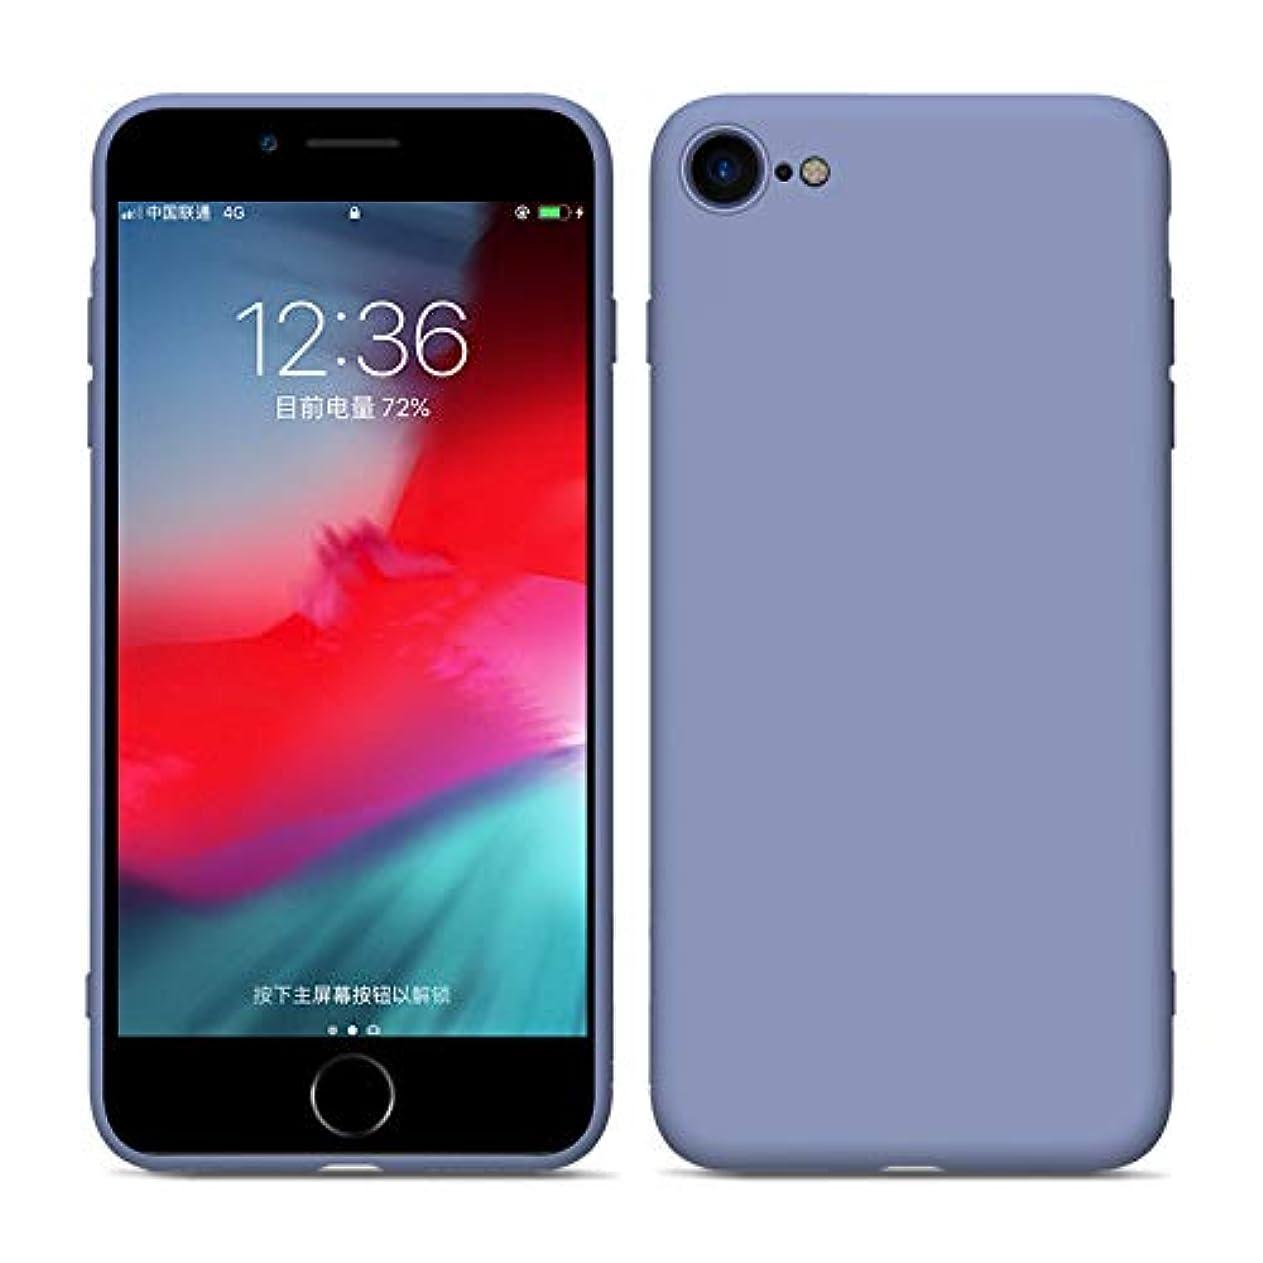 ランタン到着する不一致PANDA BABY iPhone 7/iPhone 8シリコンケース ワイヤレス充電対応 (パープル)